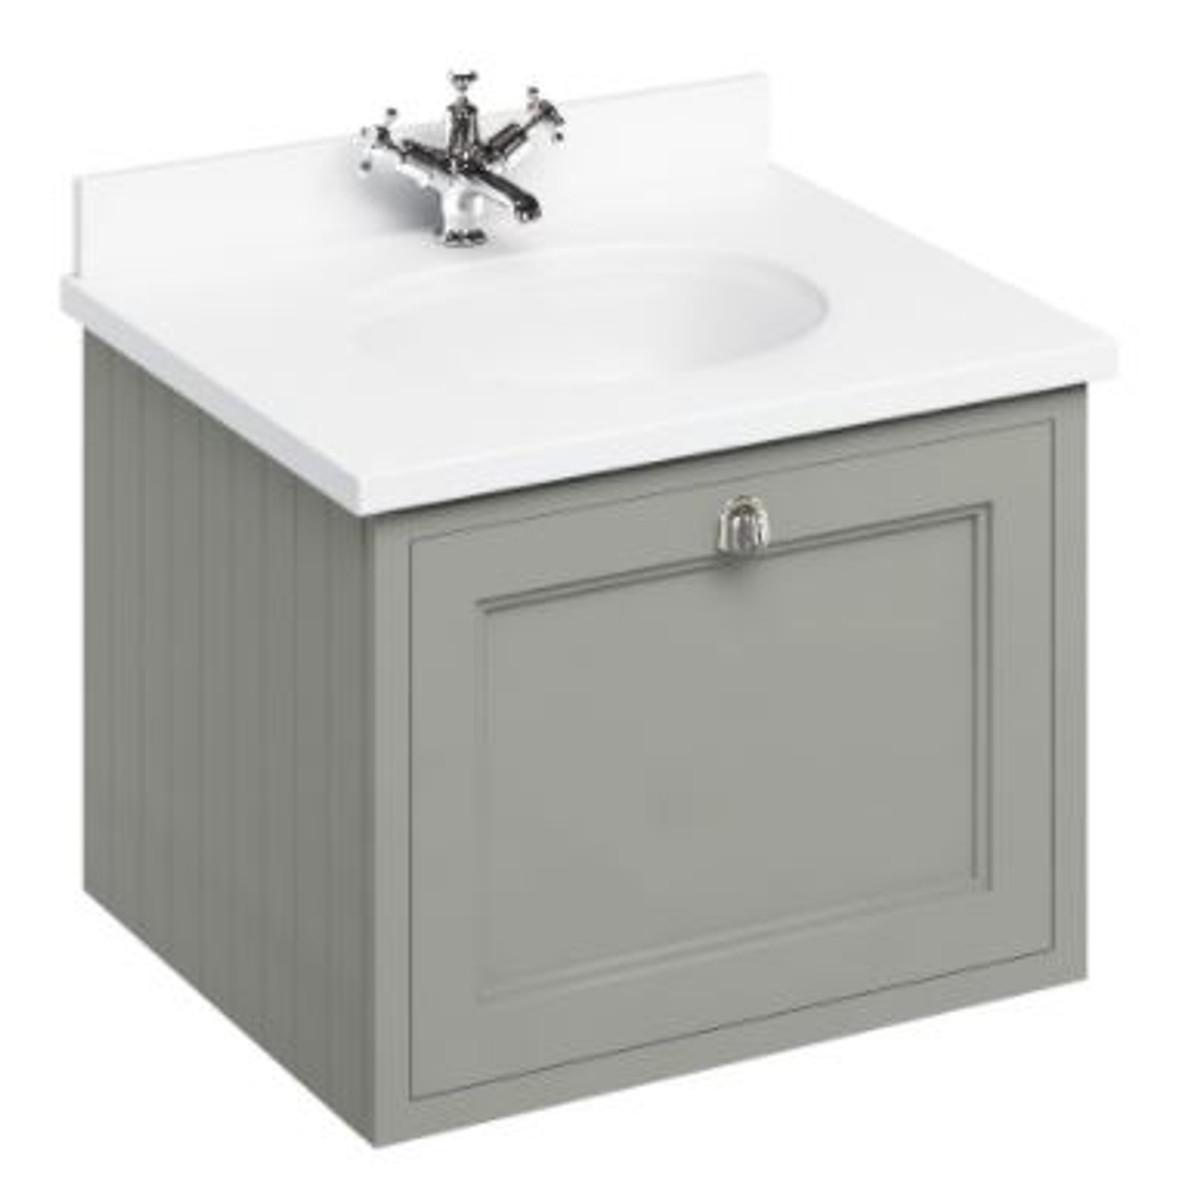 casa padrino luxus h nge waschschrank waschtisch mit marmorplatte und schublade 66 x 55 x h. Black Bedroom Furniture Sets. Home Design Ideas